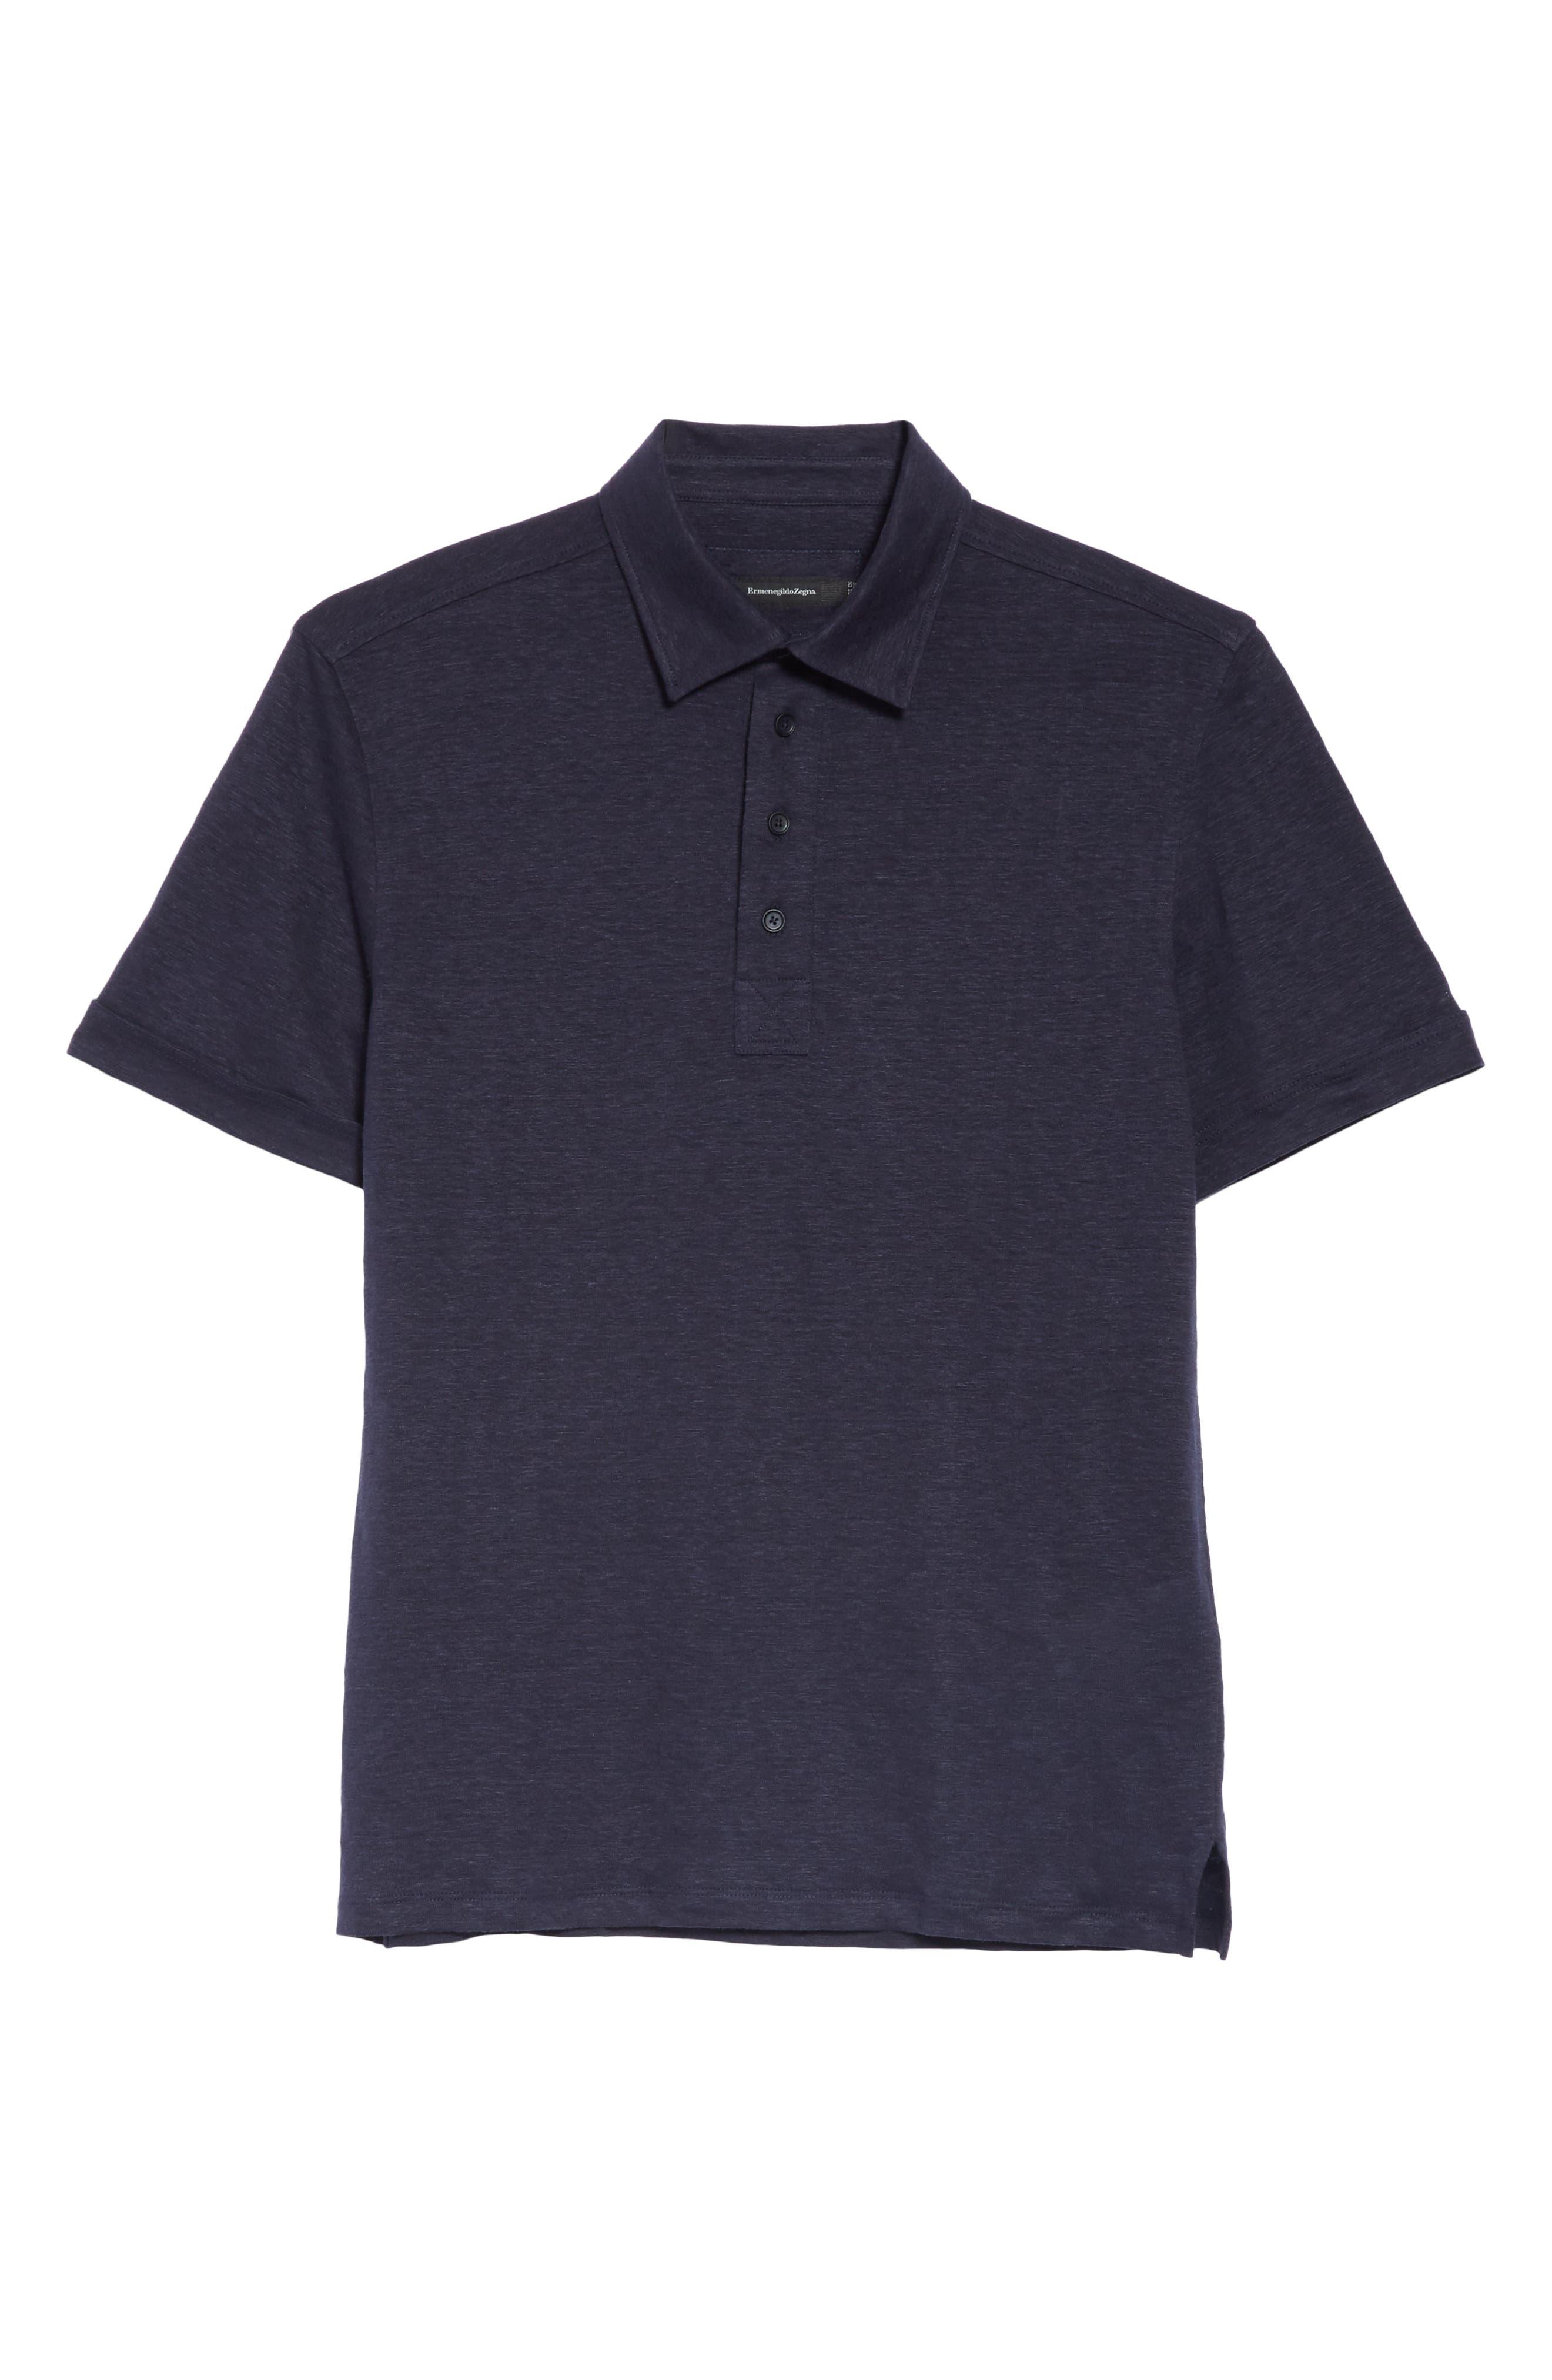 ERMENEGILDO ZEGNA, Ermenegilda Zegna Linen Polo Shirt, Alternate thumbnail 6, color, NAVY